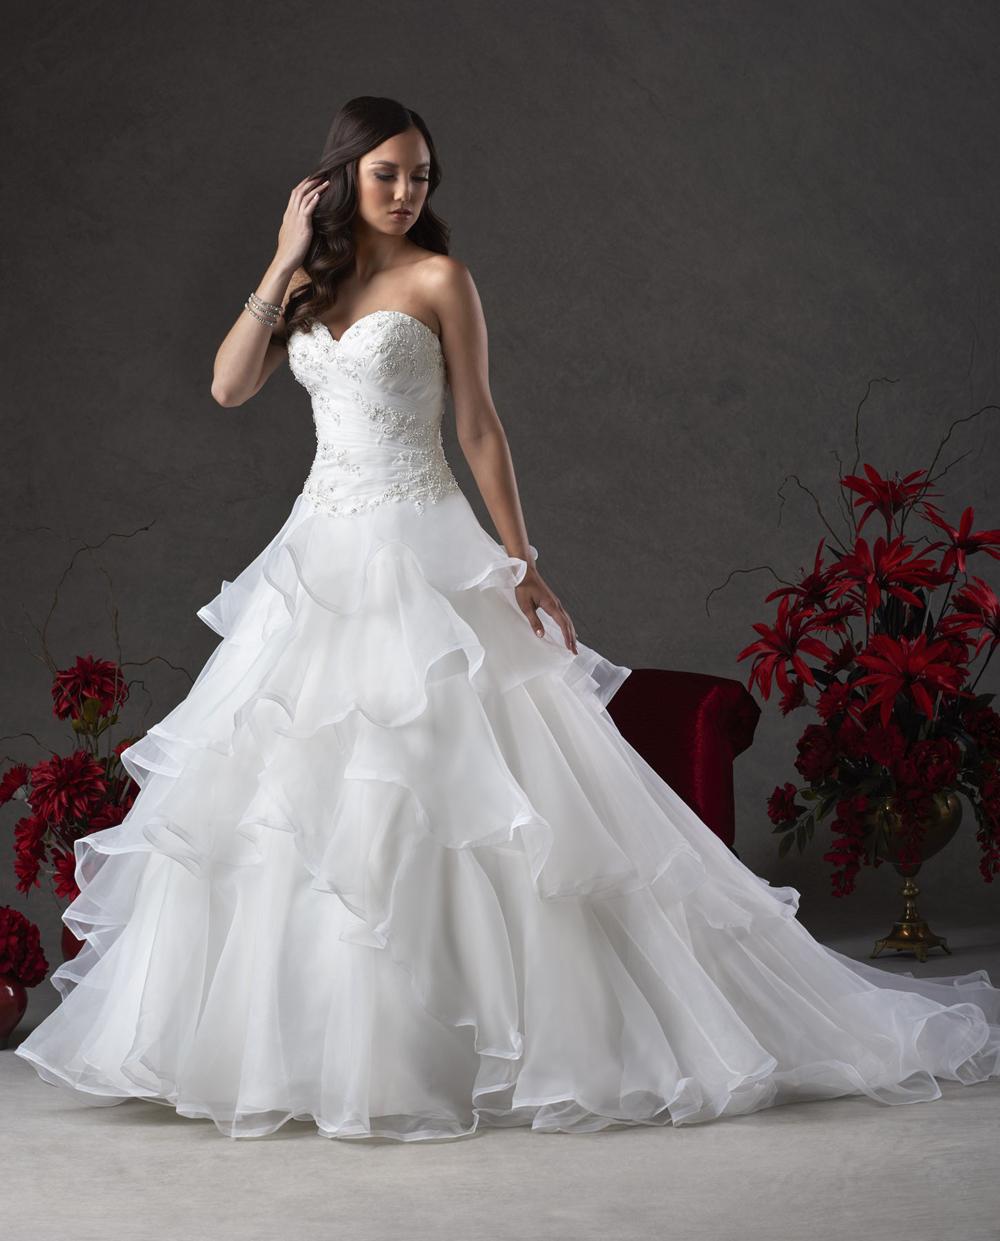 Organza Wedding Gowns